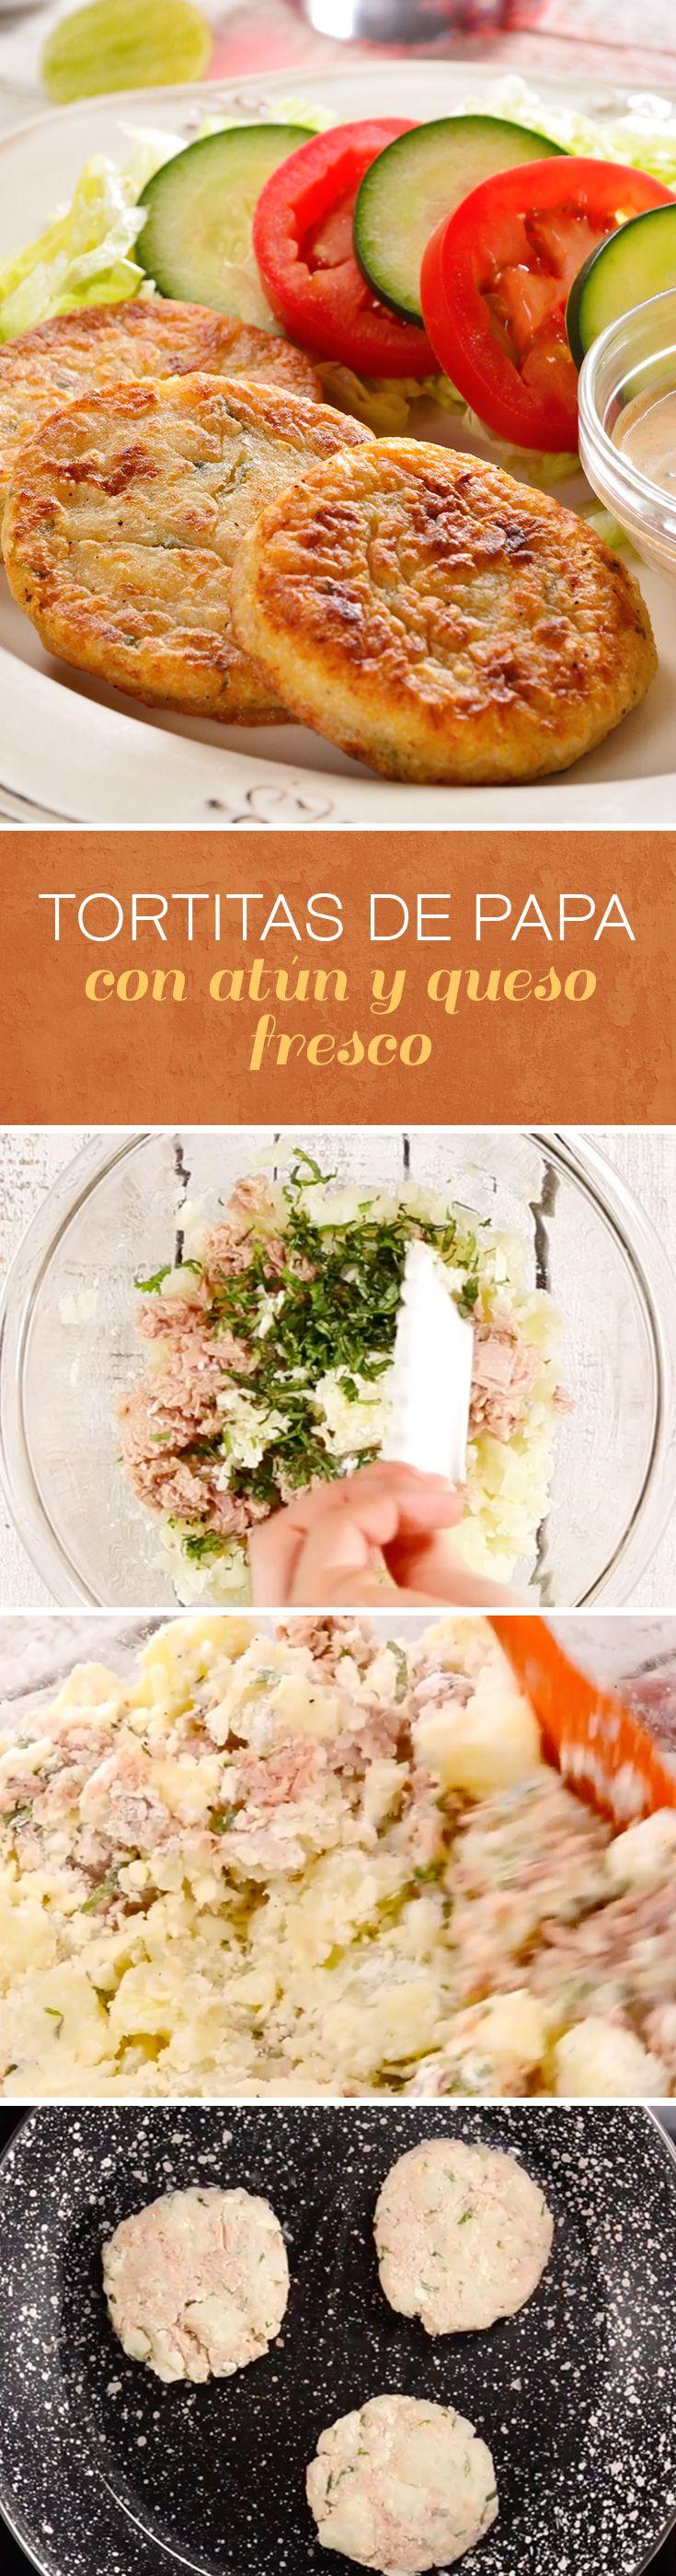 Tortitas de papa con atún y queso para #cuaresma. Sorprende a tu familia con esta receta con papa y queso acompañada de ensalada y aderezo de chipotle.